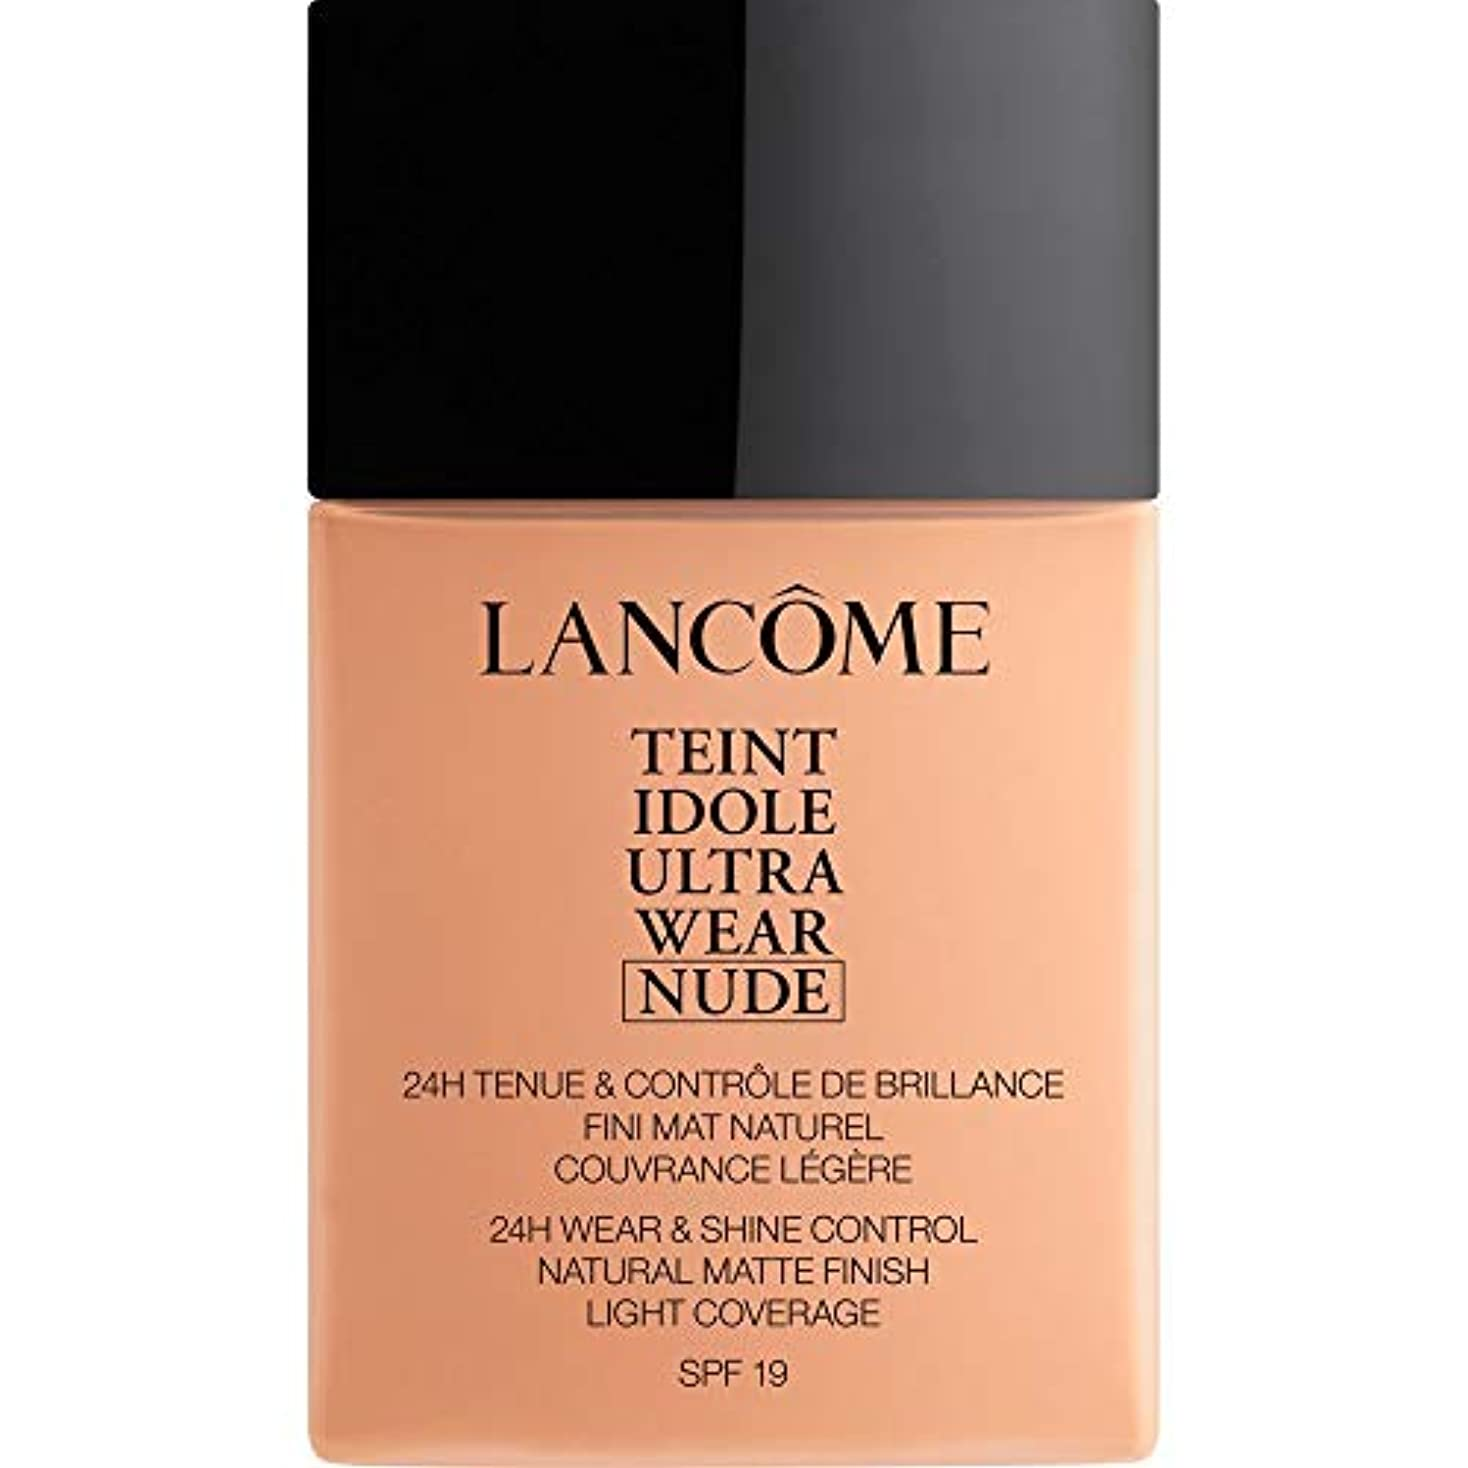 流体偉業動脈[Lanc?me ] ランコムTeintのIdole超摩耗ヌード財団Spf19の40ミリリットル038 - ベージュCuivre - Lancome Teint Idole Ultra Wear Nude Foundation...